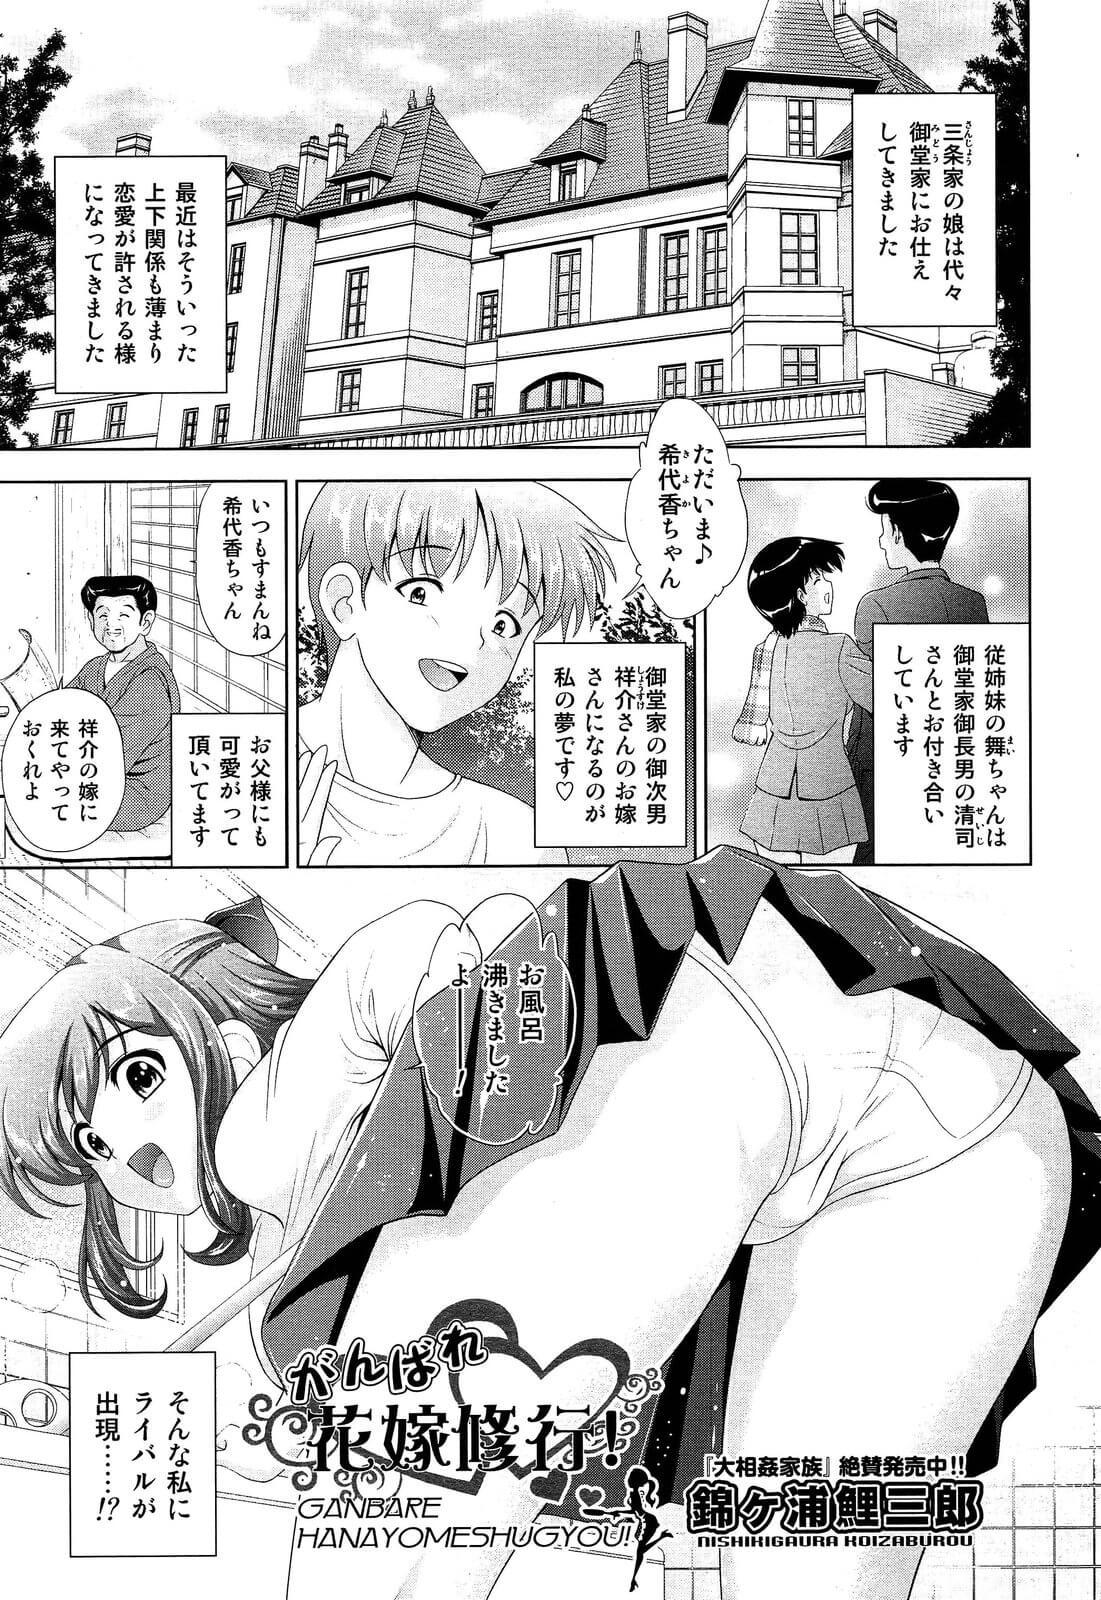 【エロ漫画】三条家のお嬢様達は代々御堂家にお仕えしていて、希代香は祥介の嫁になるのが夢だった。【無料 エロ同人】